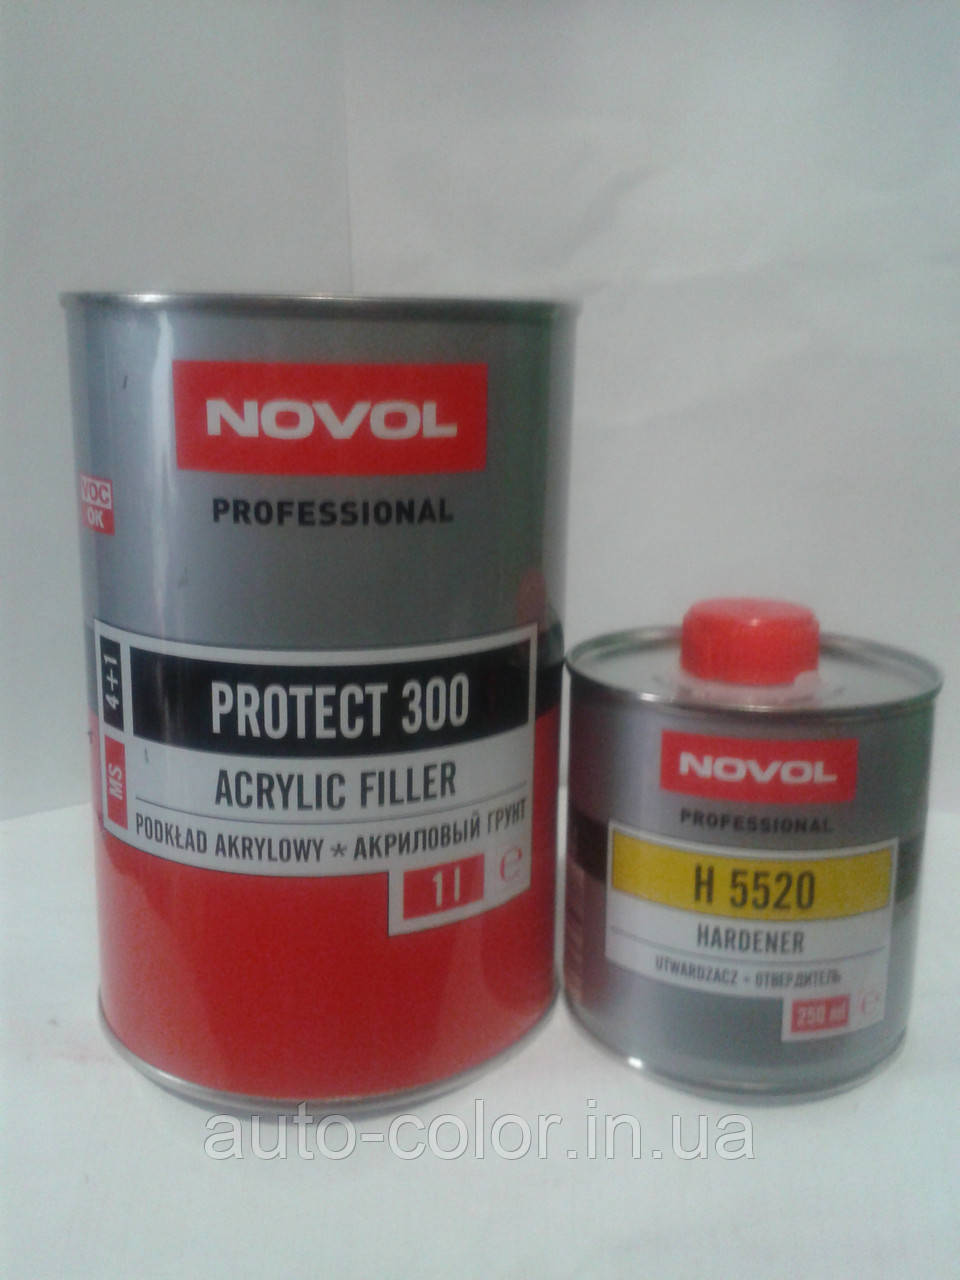 Грунт акриловий 4+1 PROTECT 300 Novol (1л) + затверджувач (0,25 л), чорний